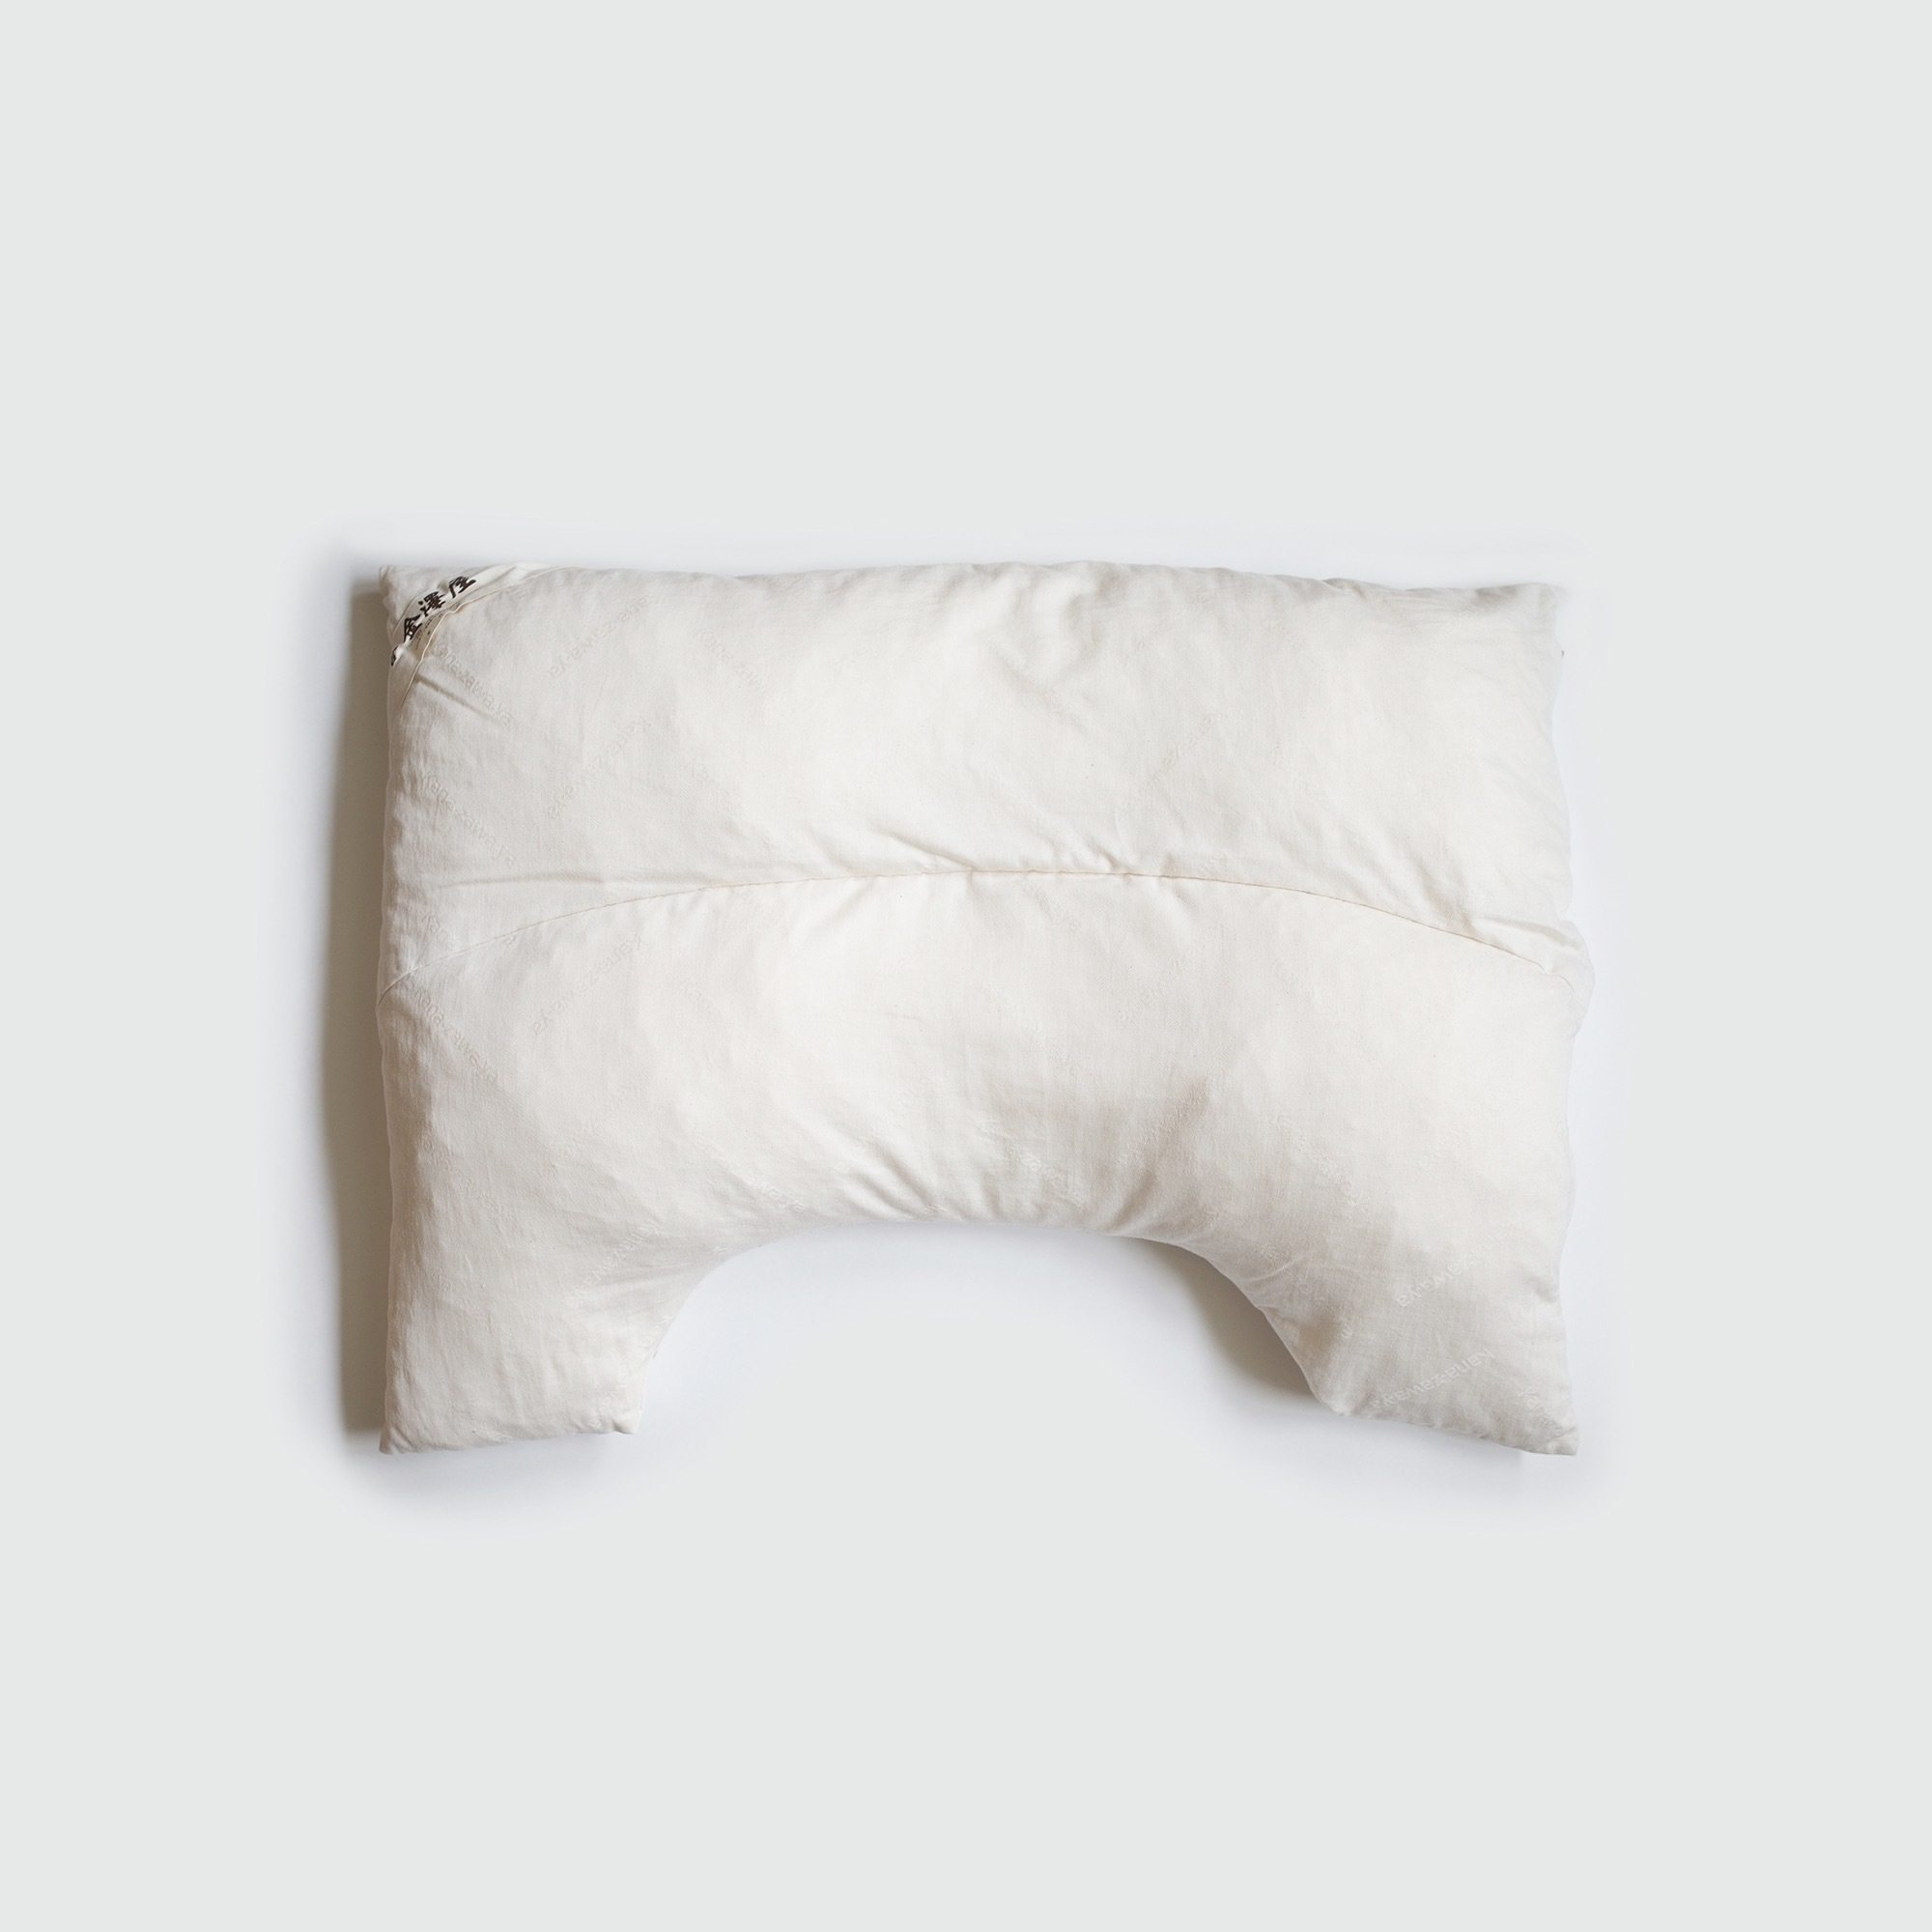 【金澤屋】 U字 枕(レギュラーサイズ)/本体 ウールわたorラテックスわた